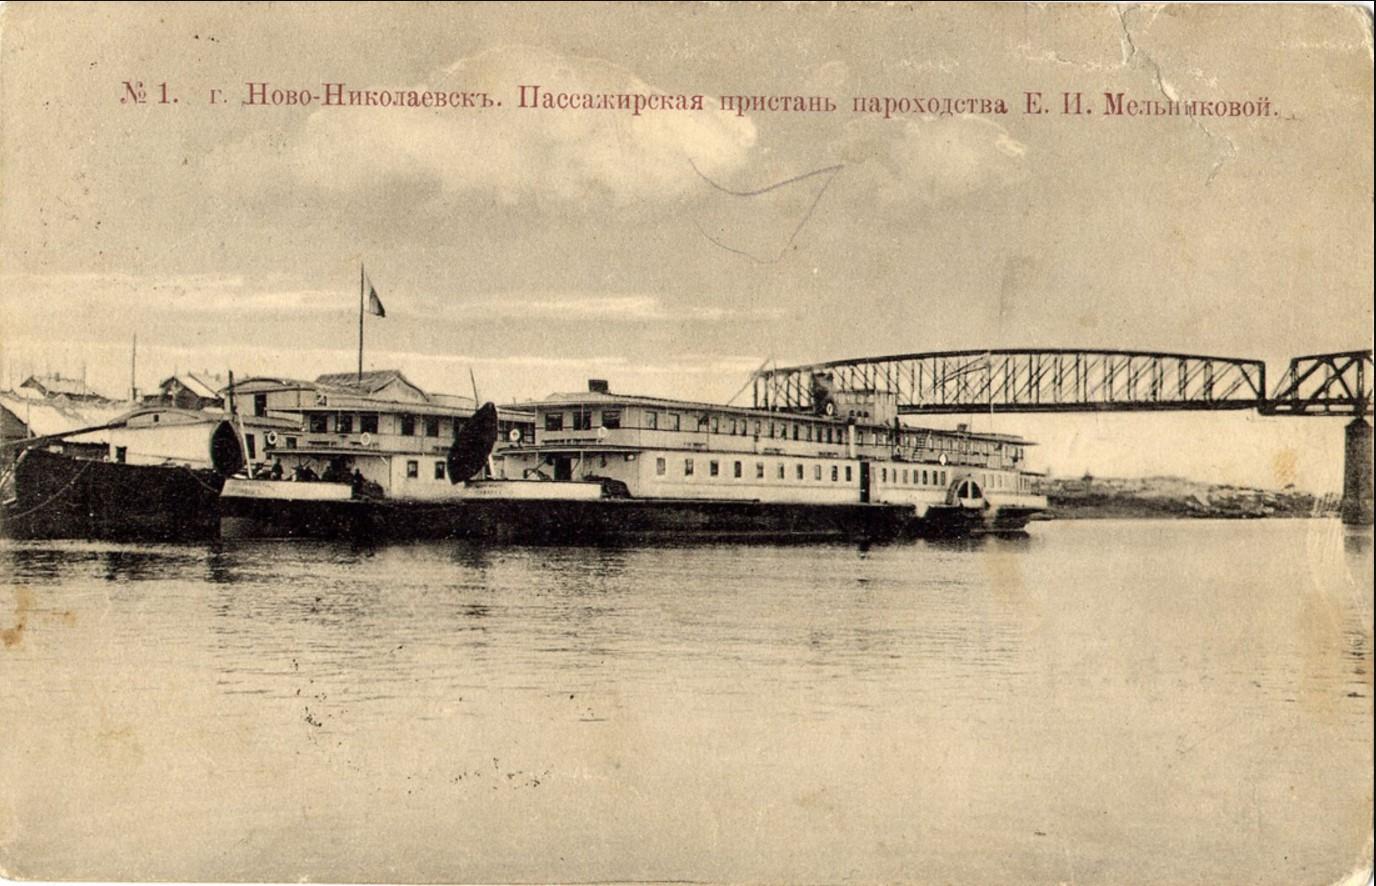 Пассажирская пристань пароходства Е.И. Мельниковой